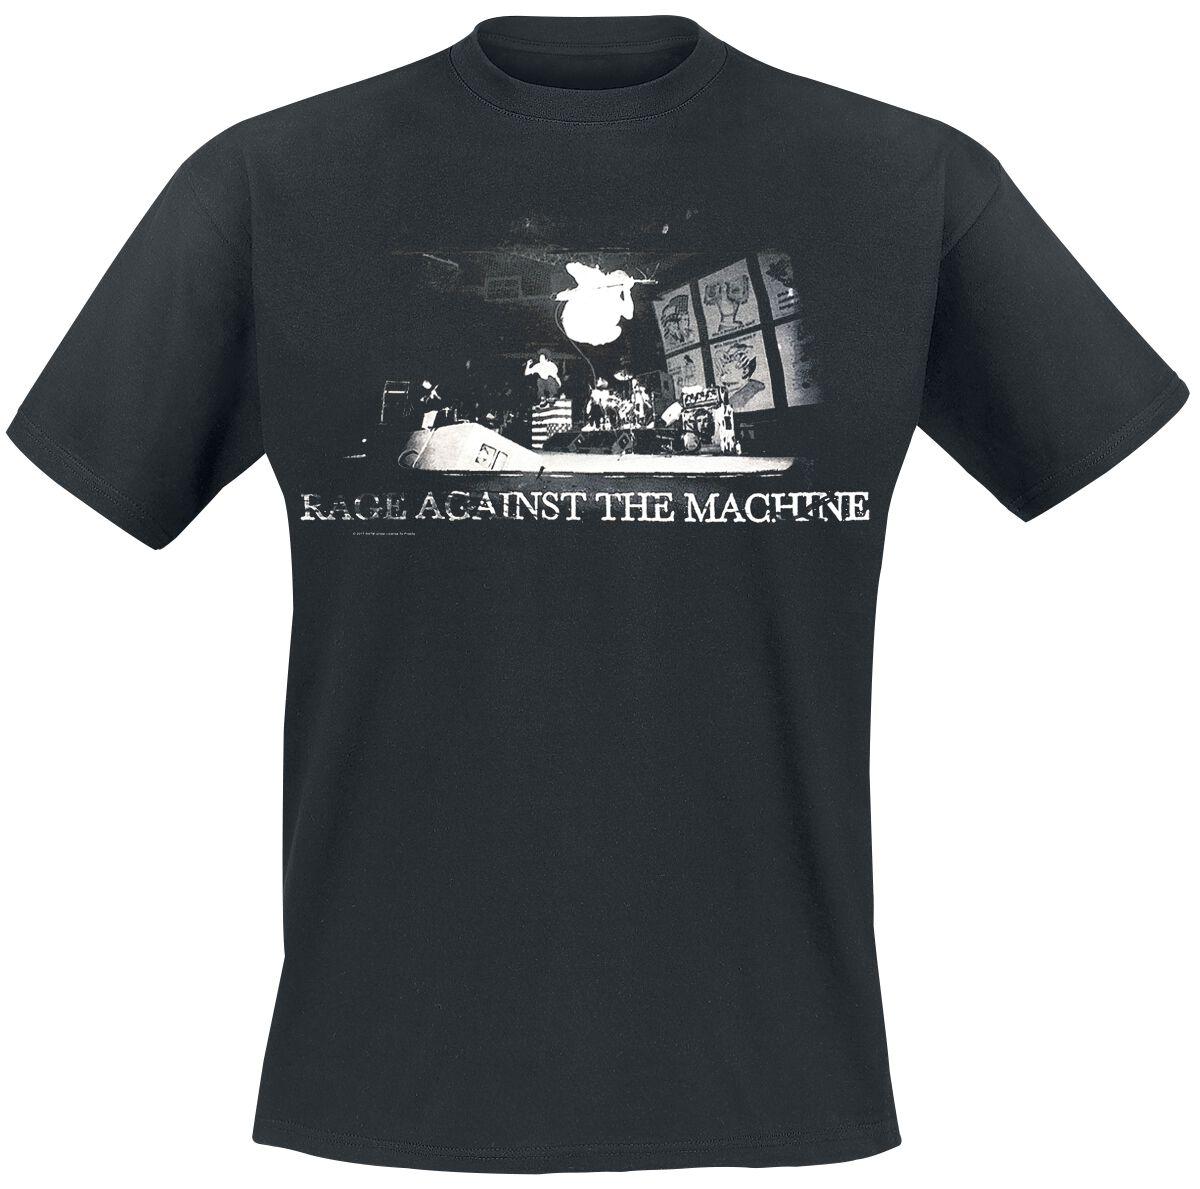 Zespoły - Koszulki - T-Shirt Rage Against The Machine Live Jump T-Shirt czarny - 373207